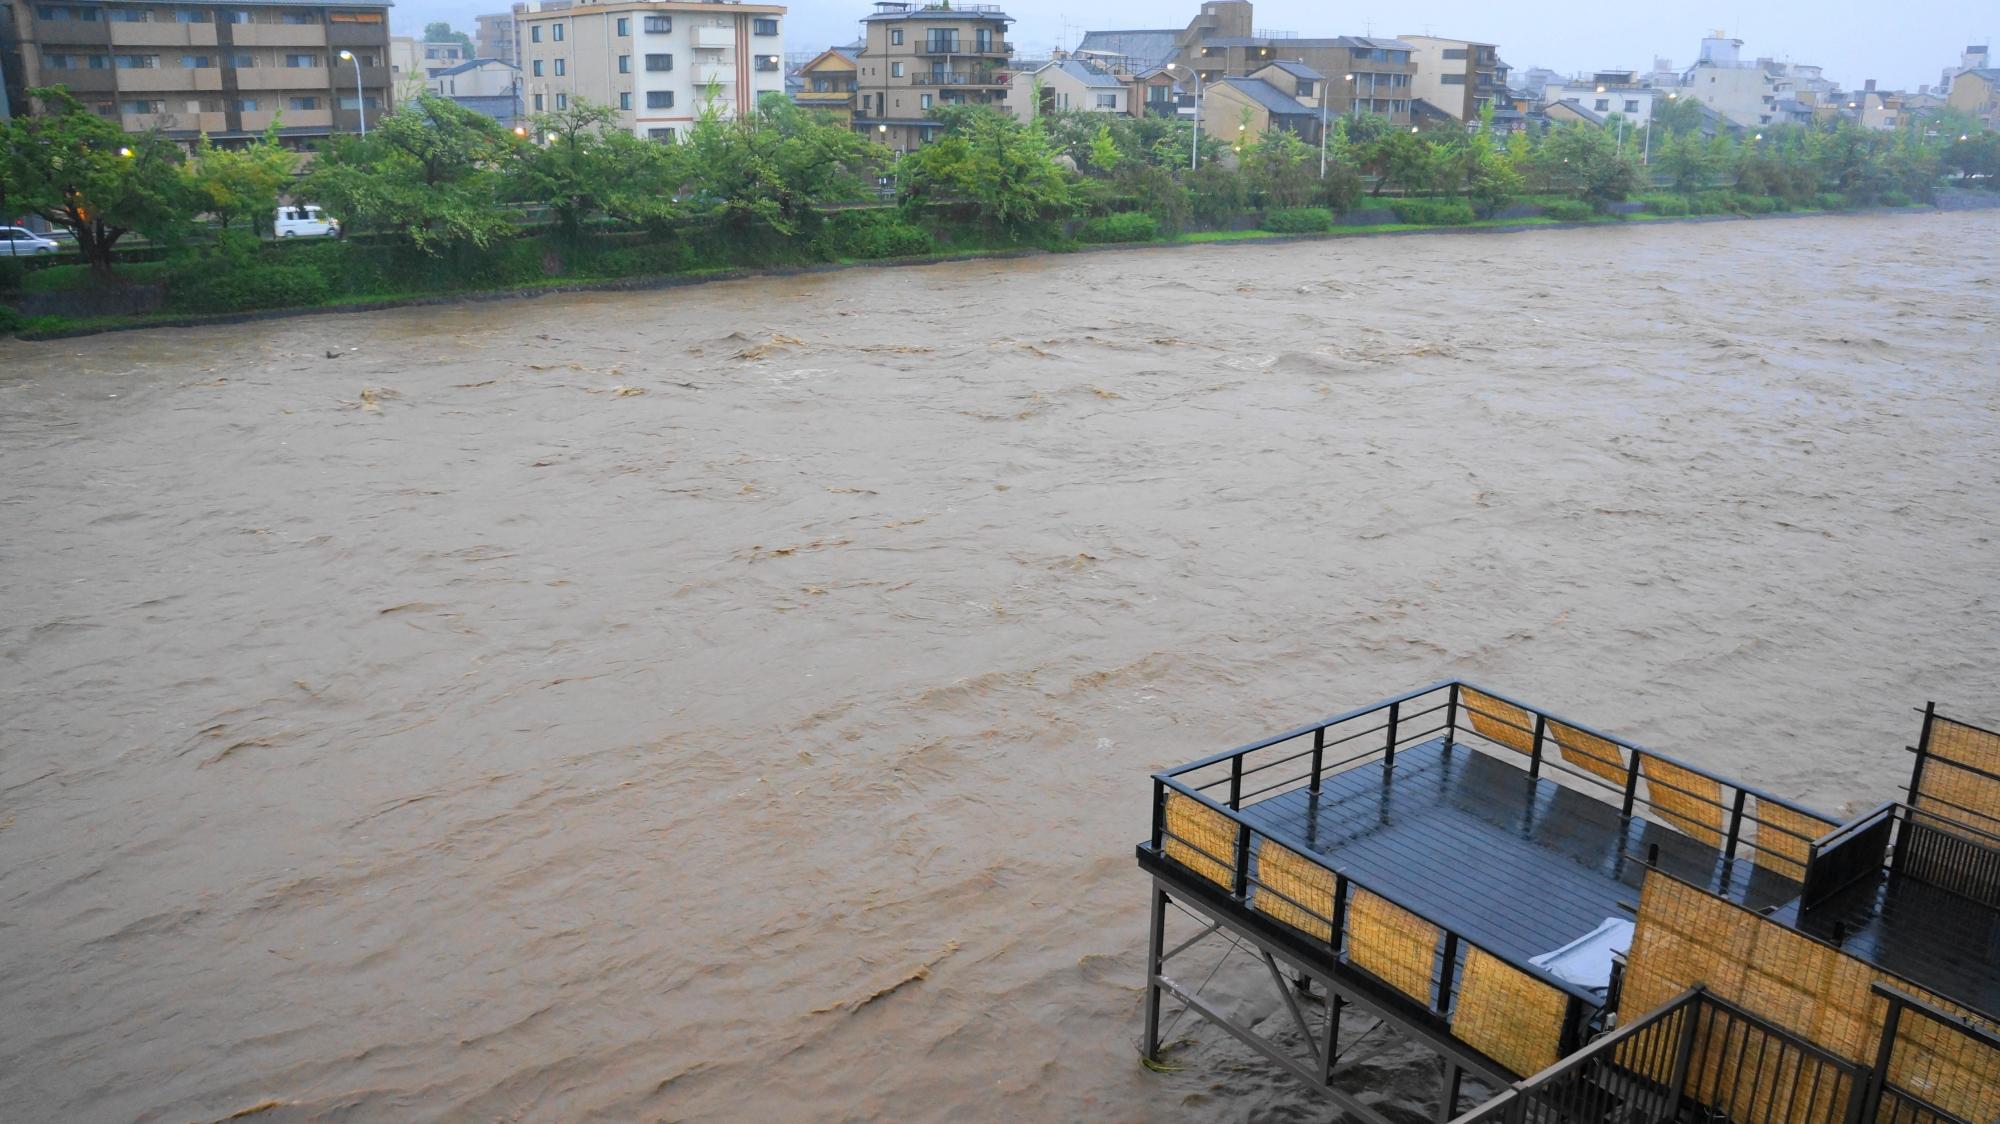 2013年9月16日の増水した全く別の場所のような鴨川